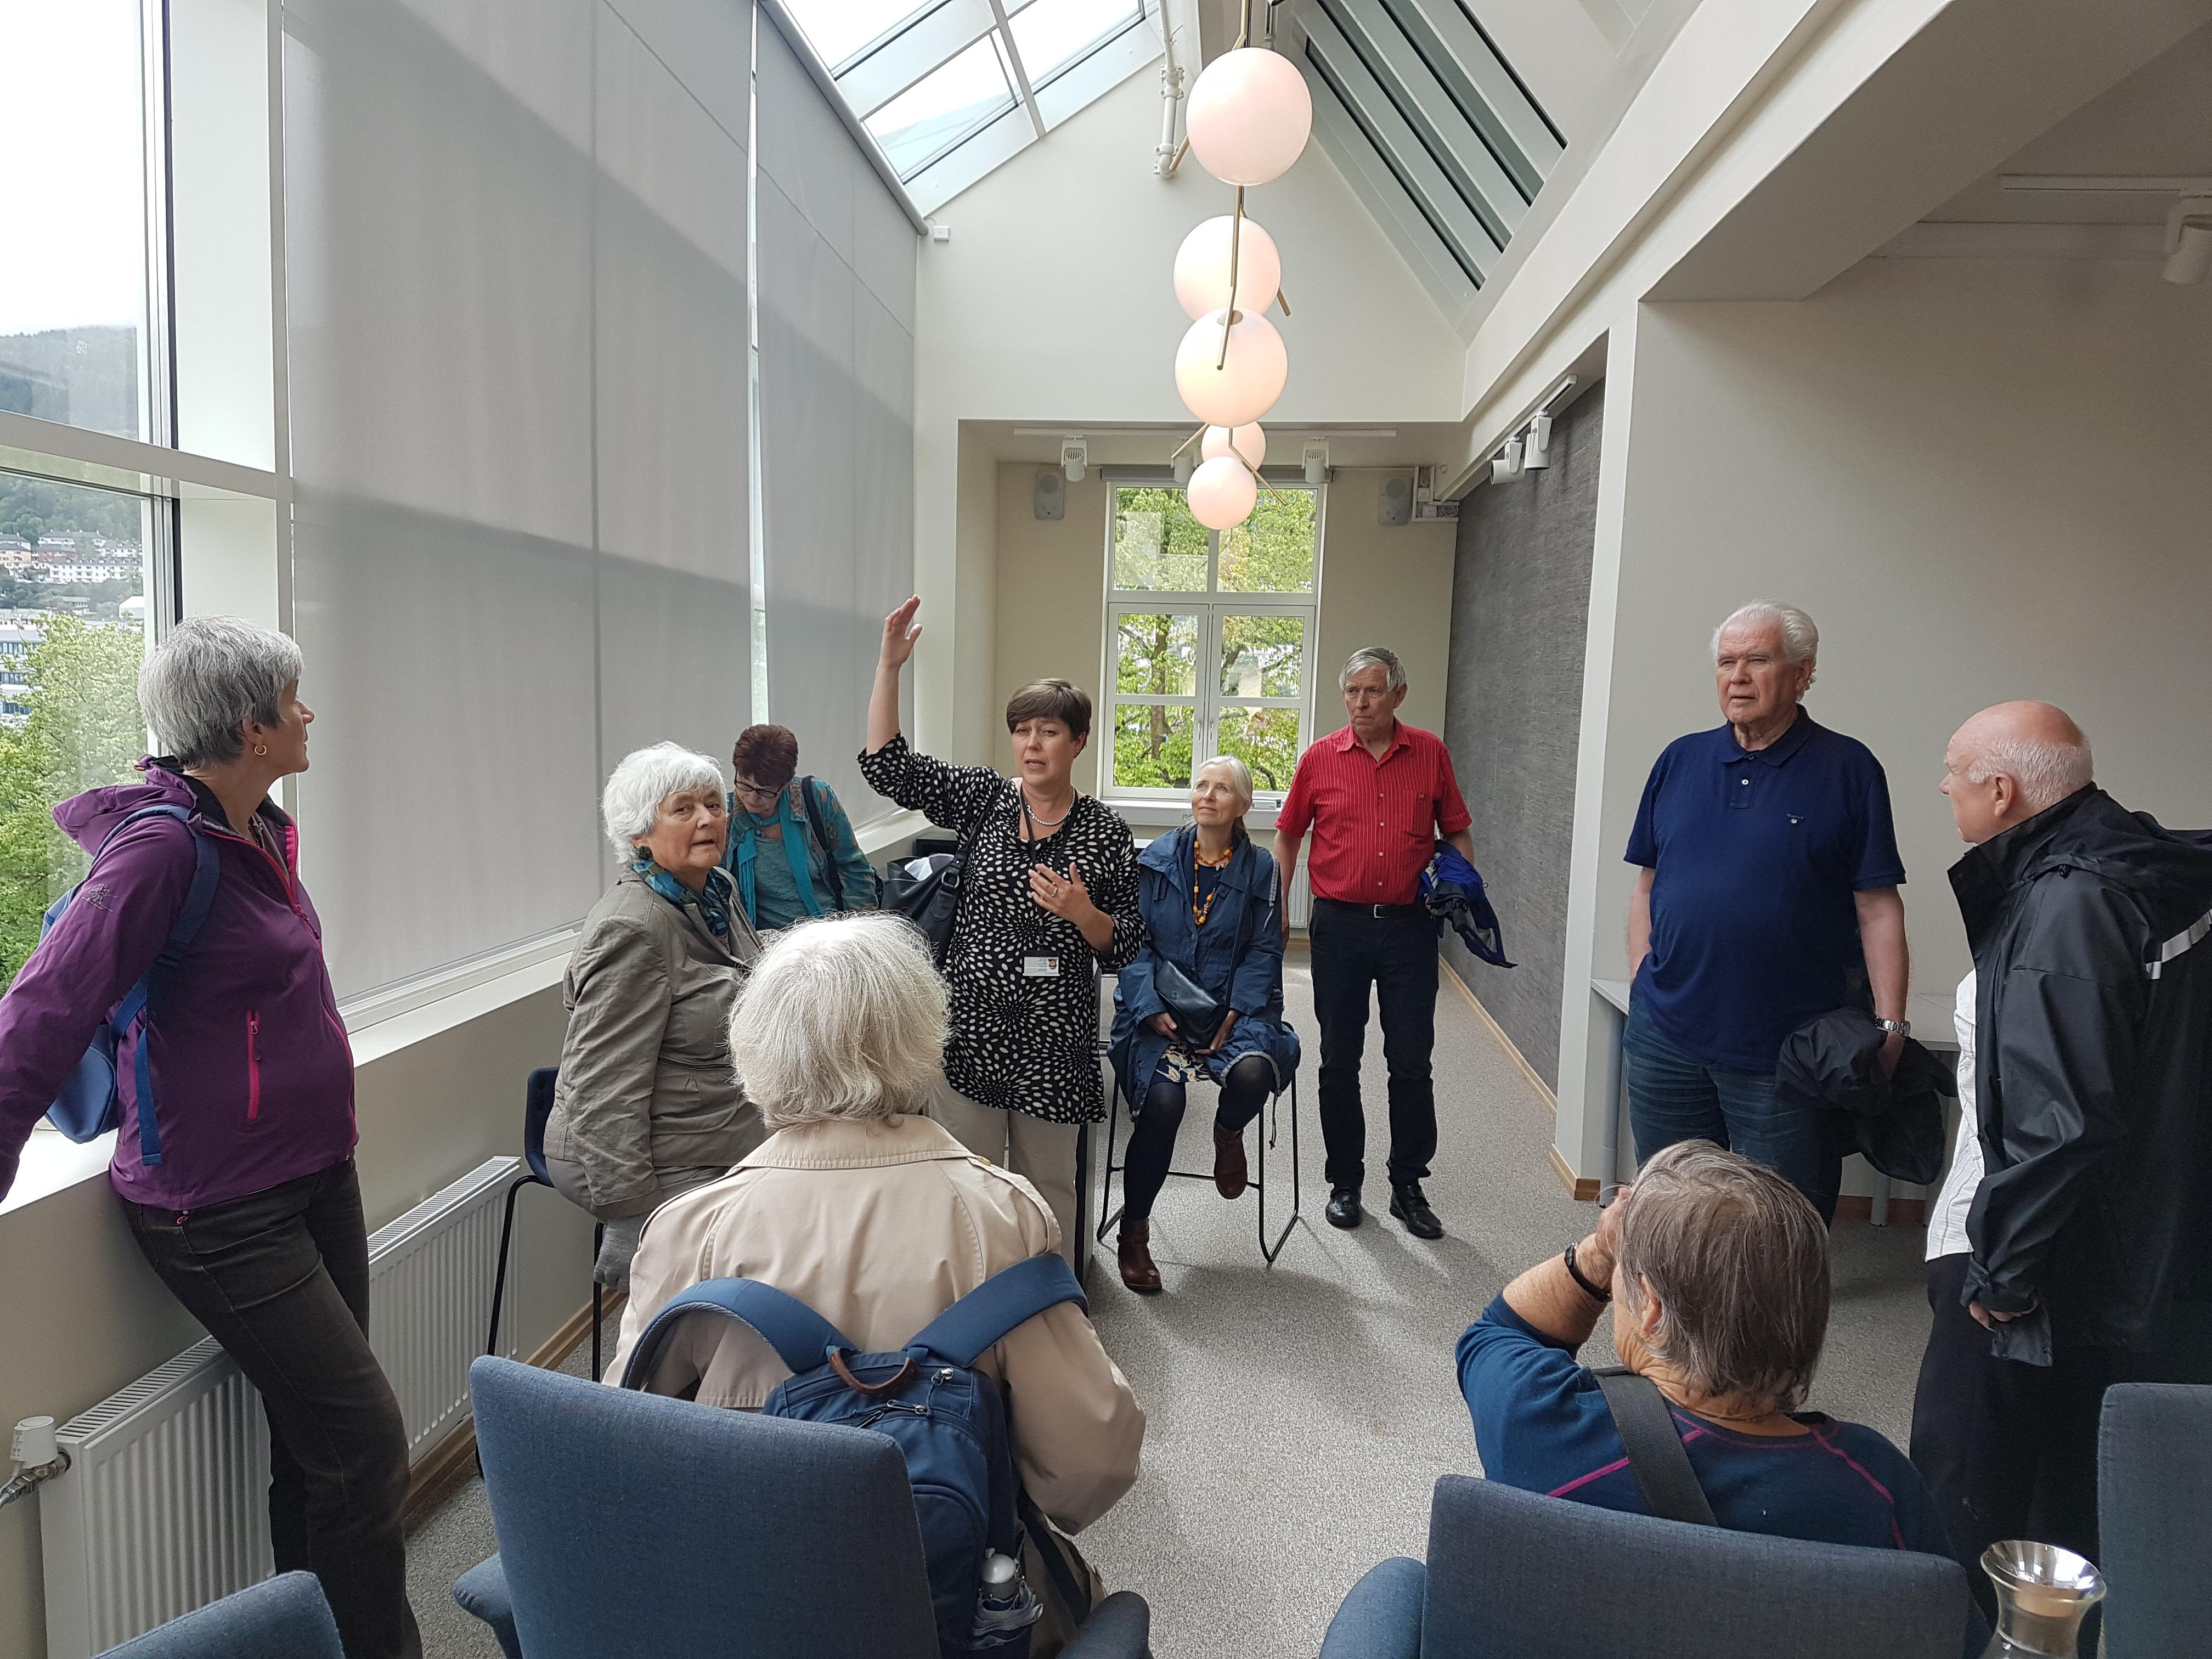 Fra den nyoppussede klimaklyngen. Opprinnelig var dette rommet et drivhus, og arkitekturen er bevart inn i dagens møterom.